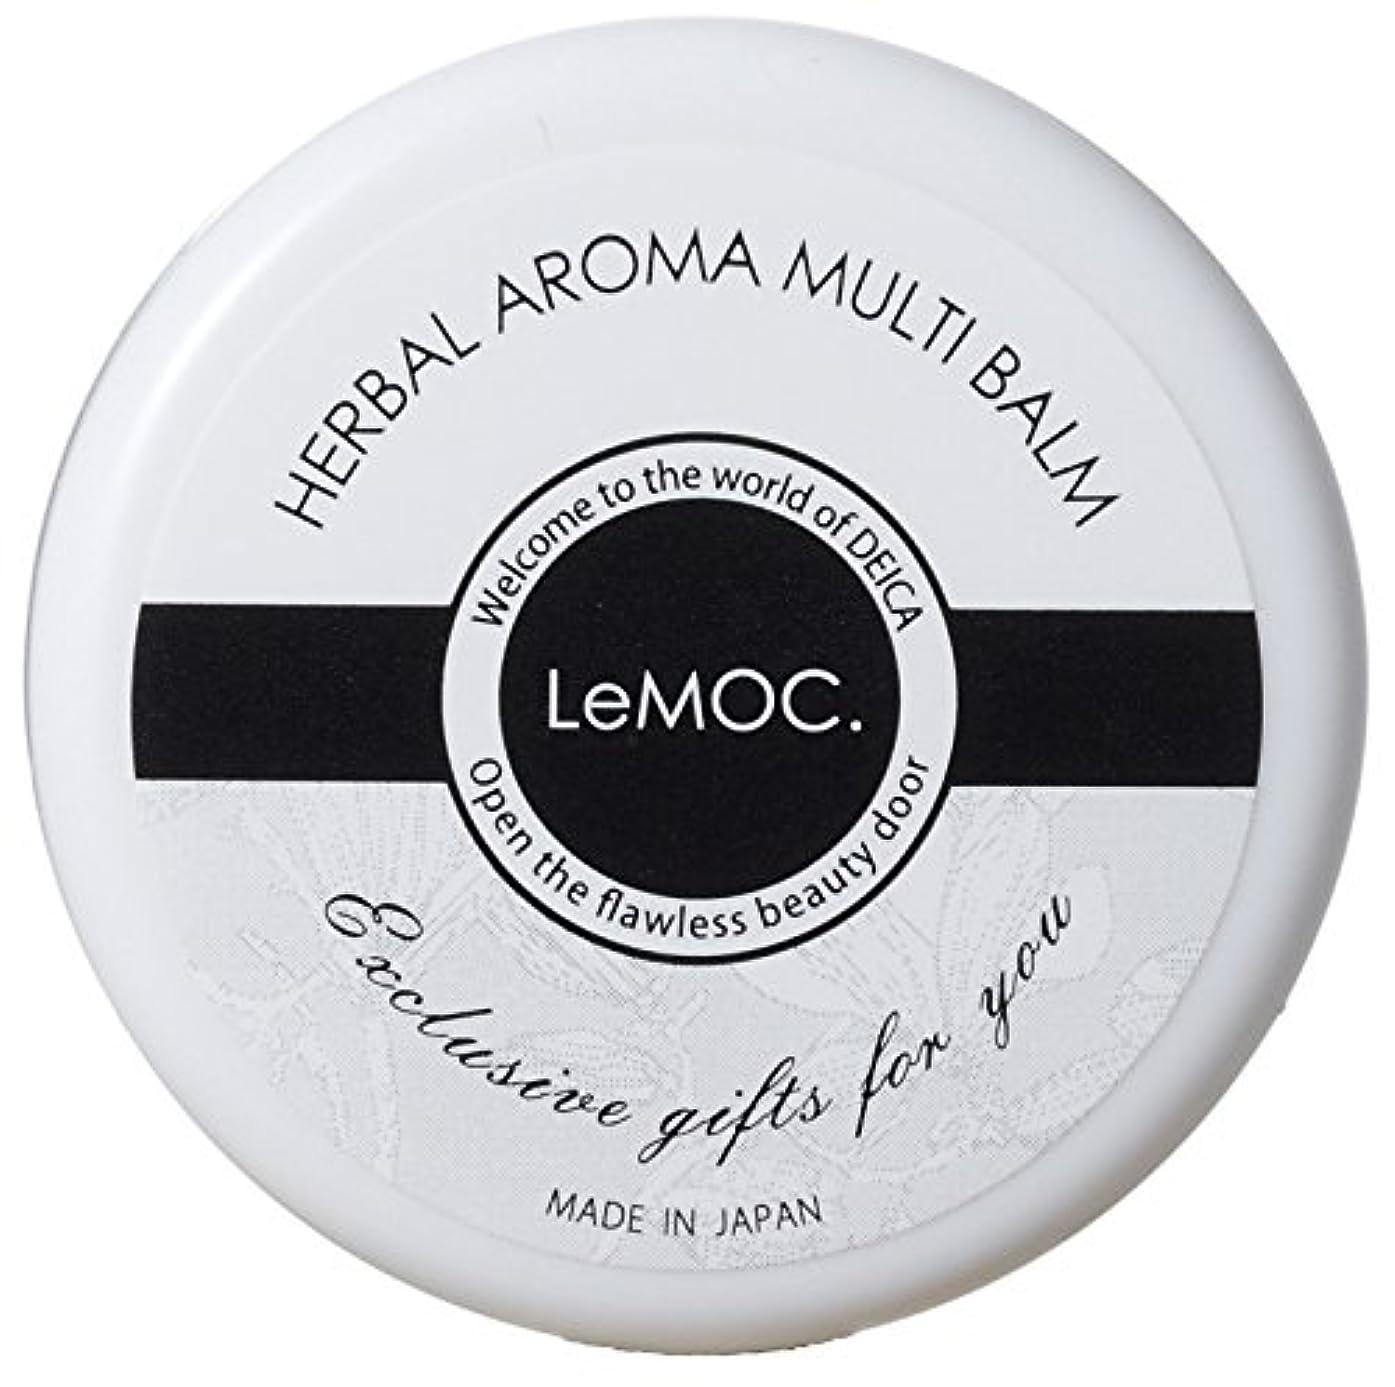 気味の悪い瞑想するスペアルモック.(LeMOC.) ハーバルアロマ マルチバーム 15g(全身用保湿バーム)